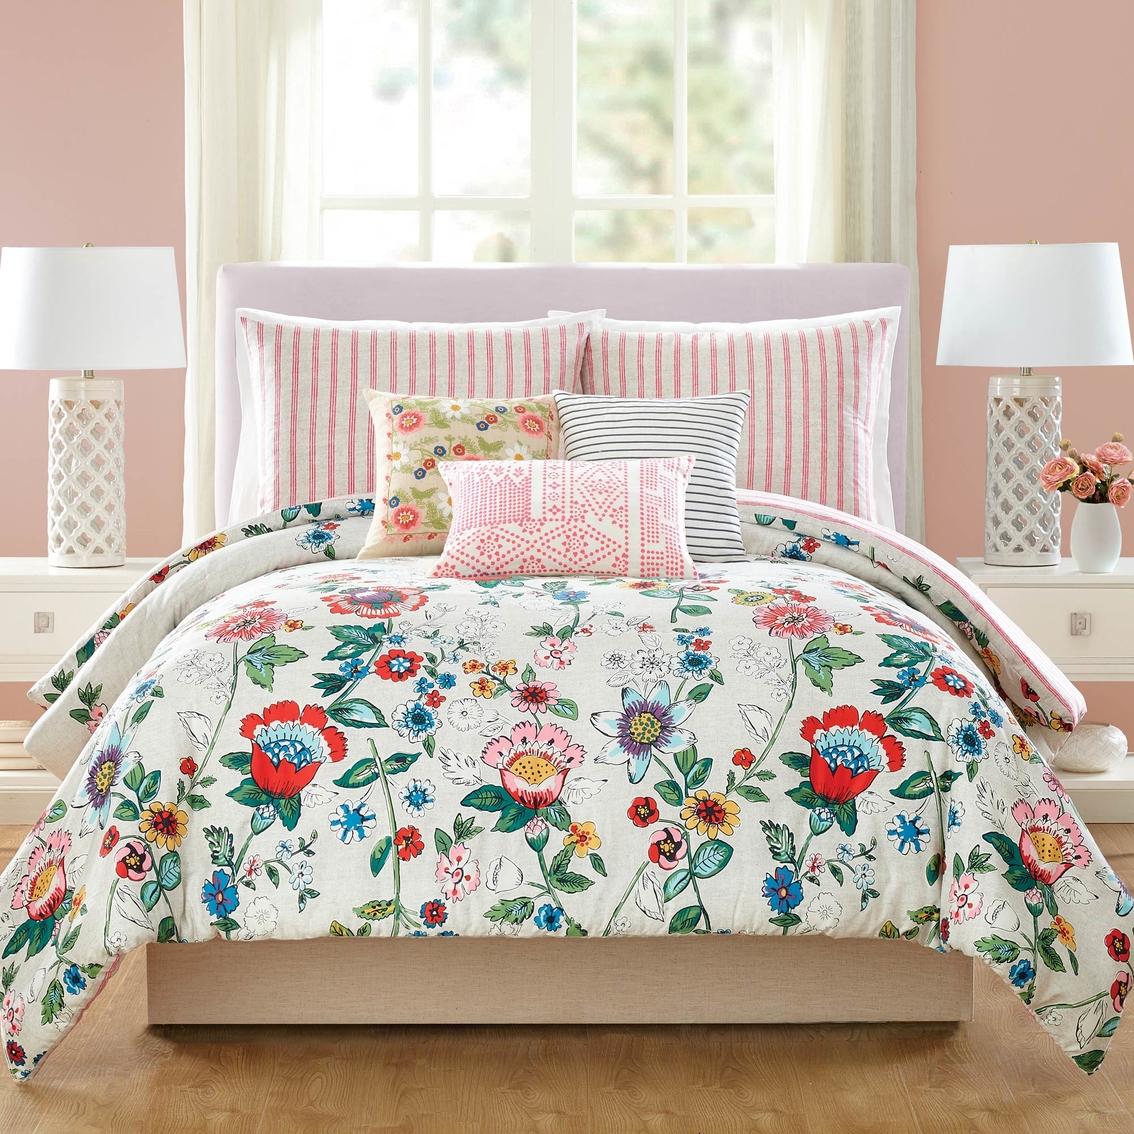 Floral Bedspreads And Comforters.Vera Bradley Coral Floral Comforter Set Bedding